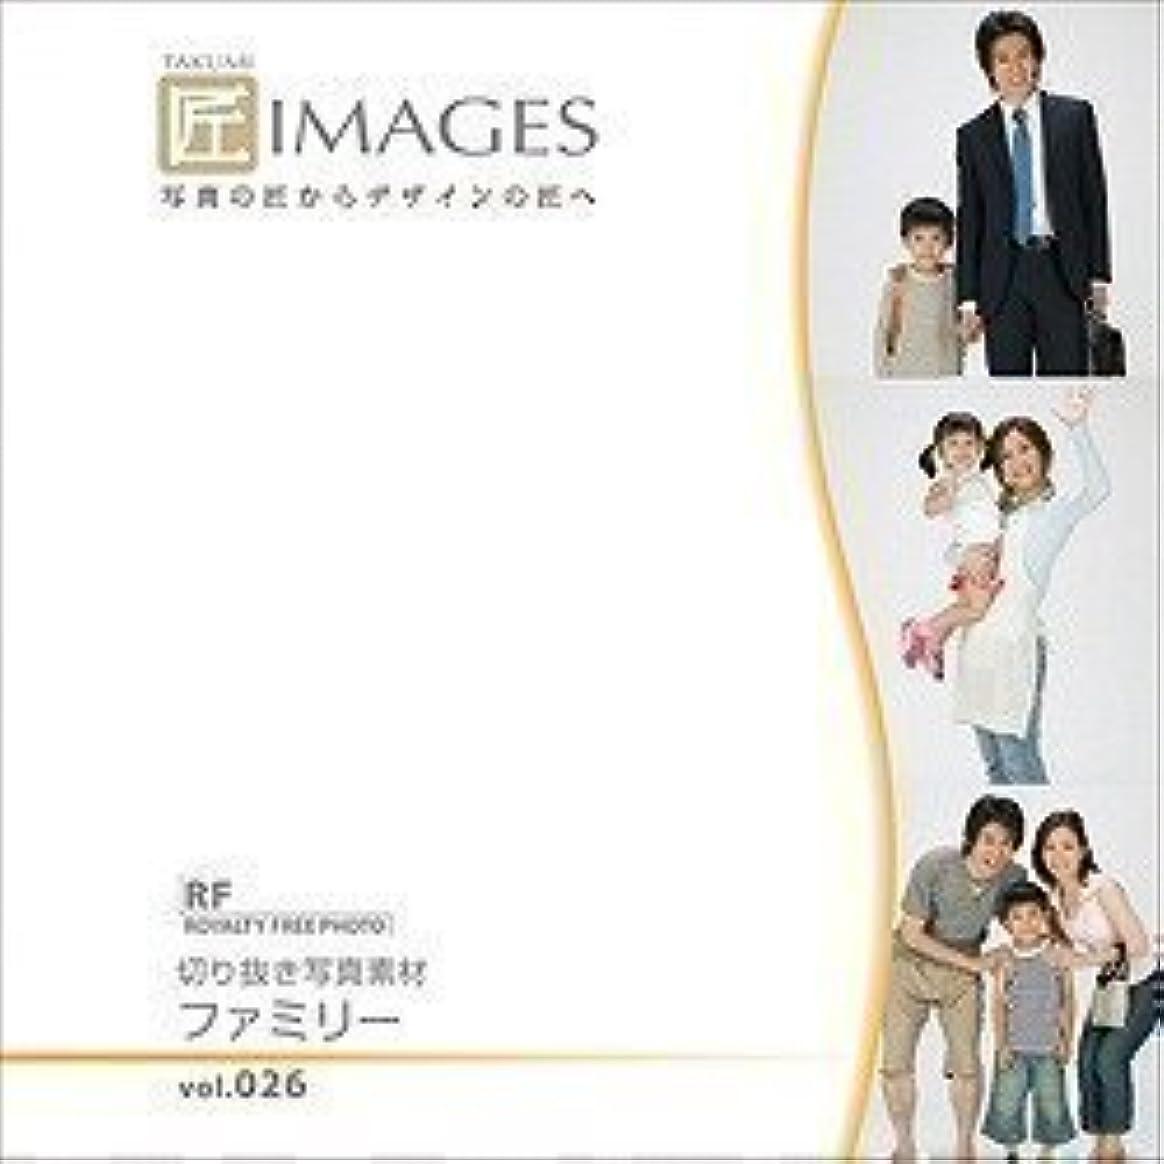 状コンチネンタルノーブル匠IMAGES Vol.026 切り抜き写真素材 ファミリー